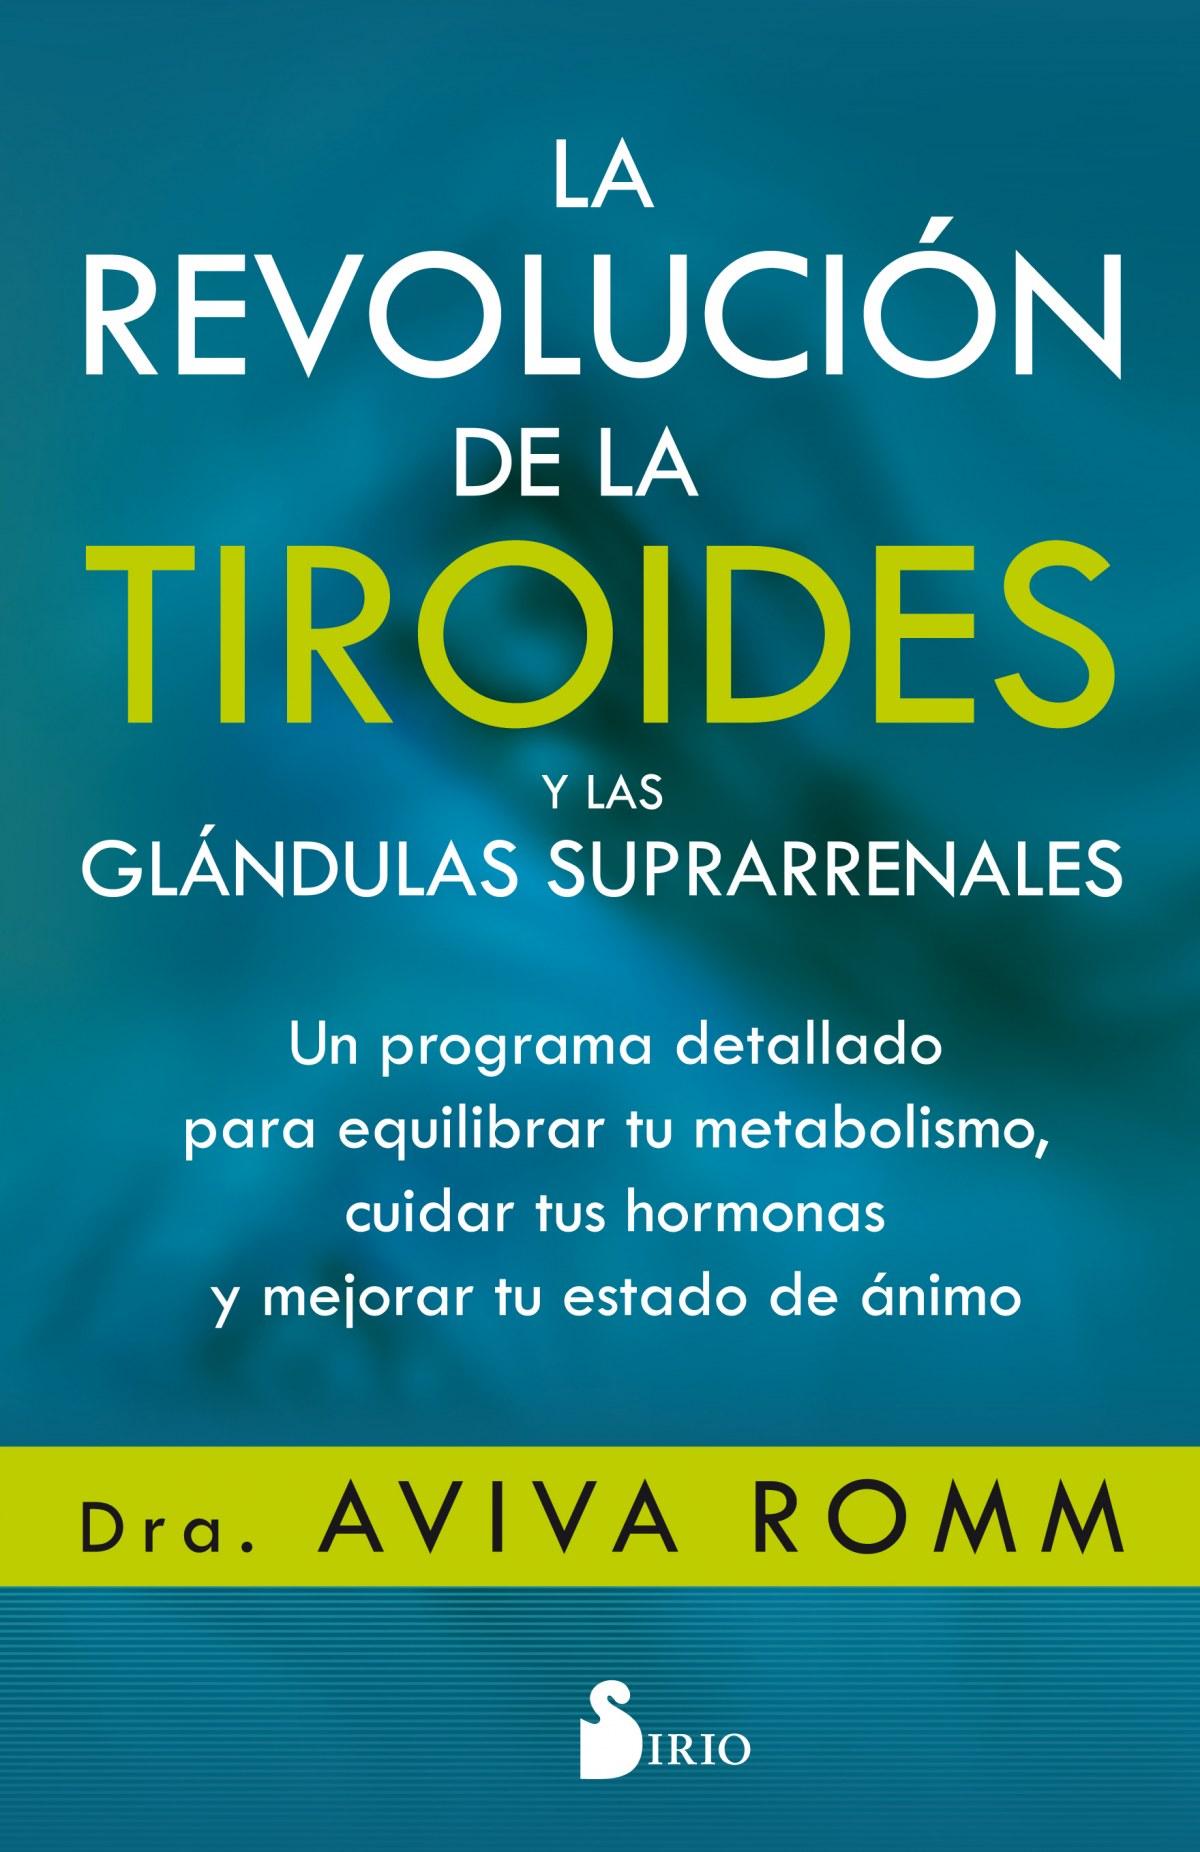 LA REVOLUCIÓN DE LA TIROIDES Y LAS GLÁNDULAS SUPRARRENALES 9788417399139